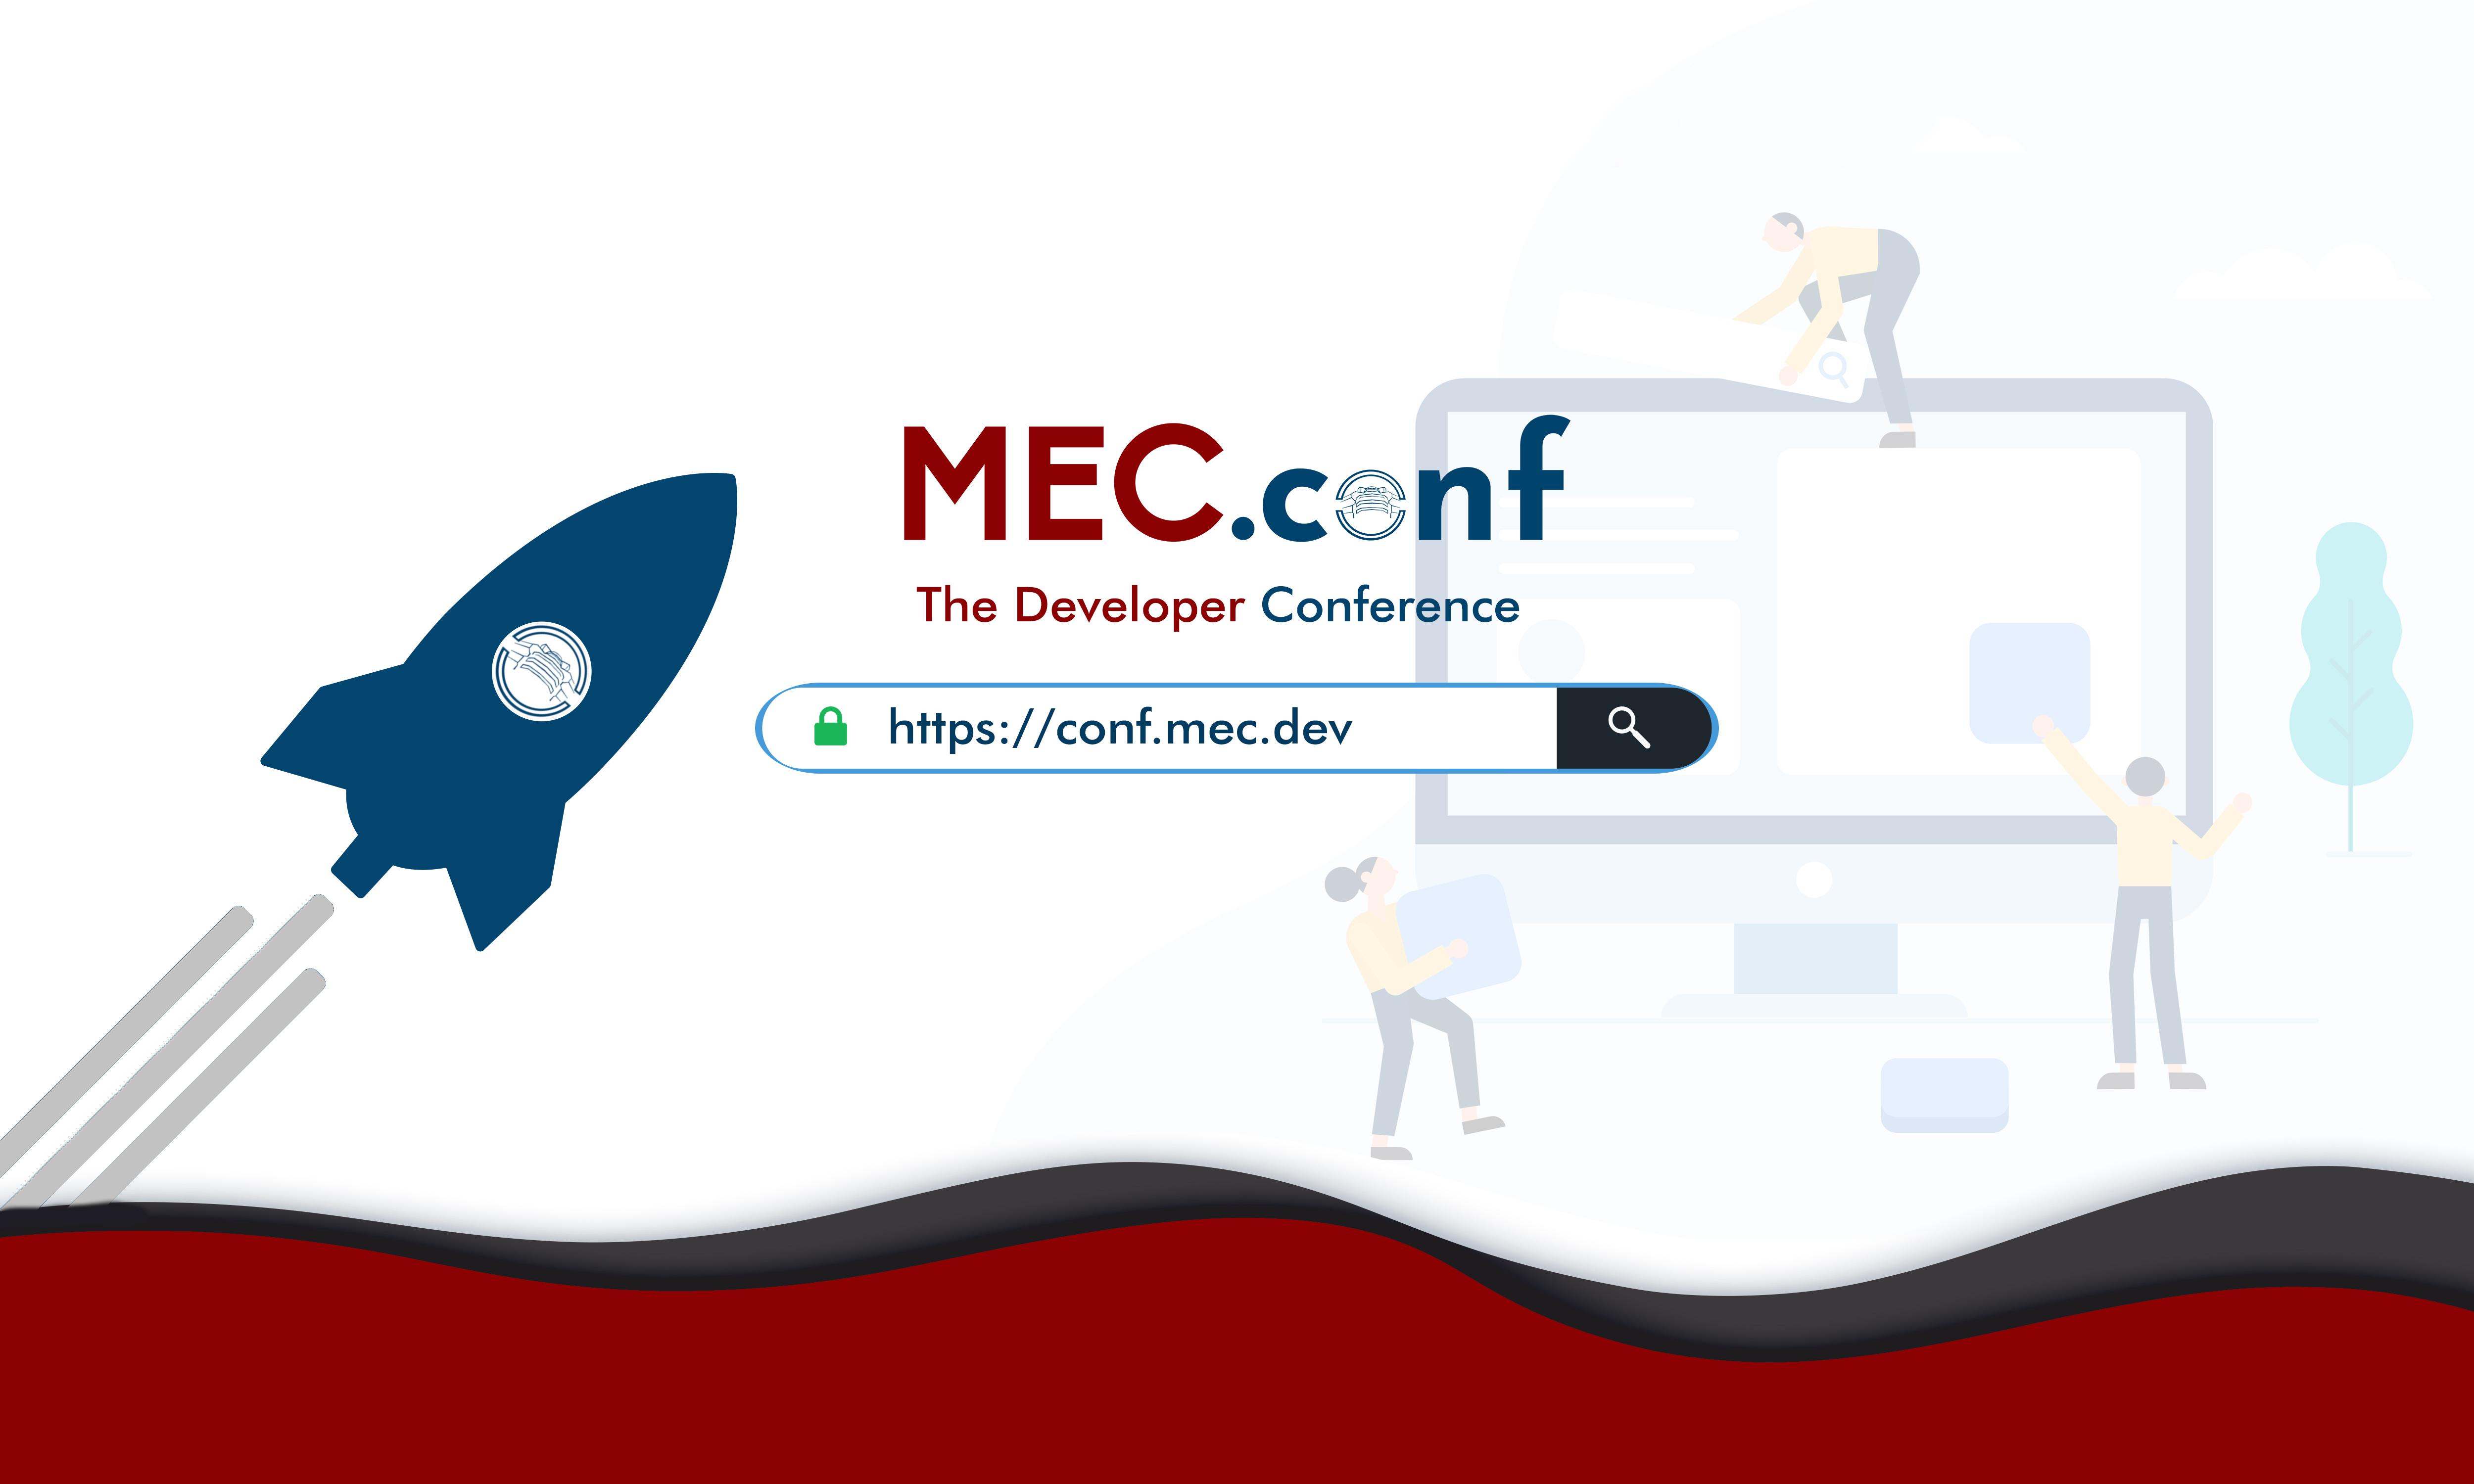 MEC.conf